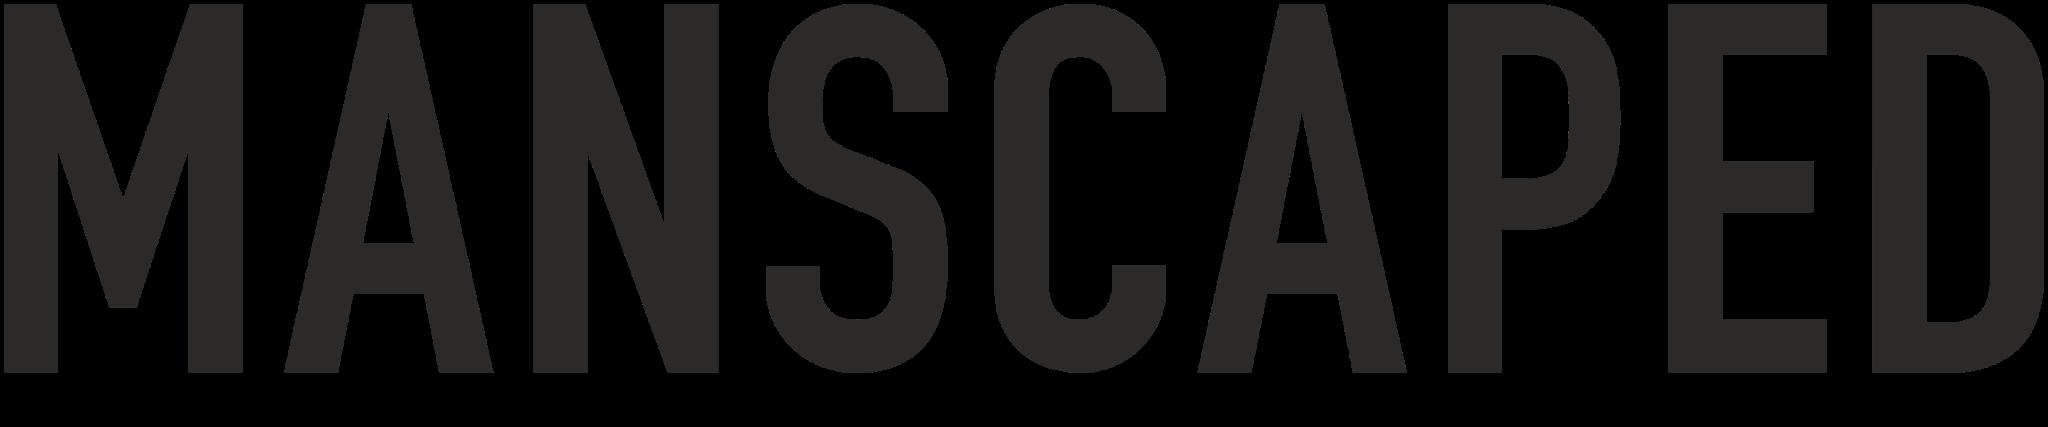 Manscaped-logo-black.png